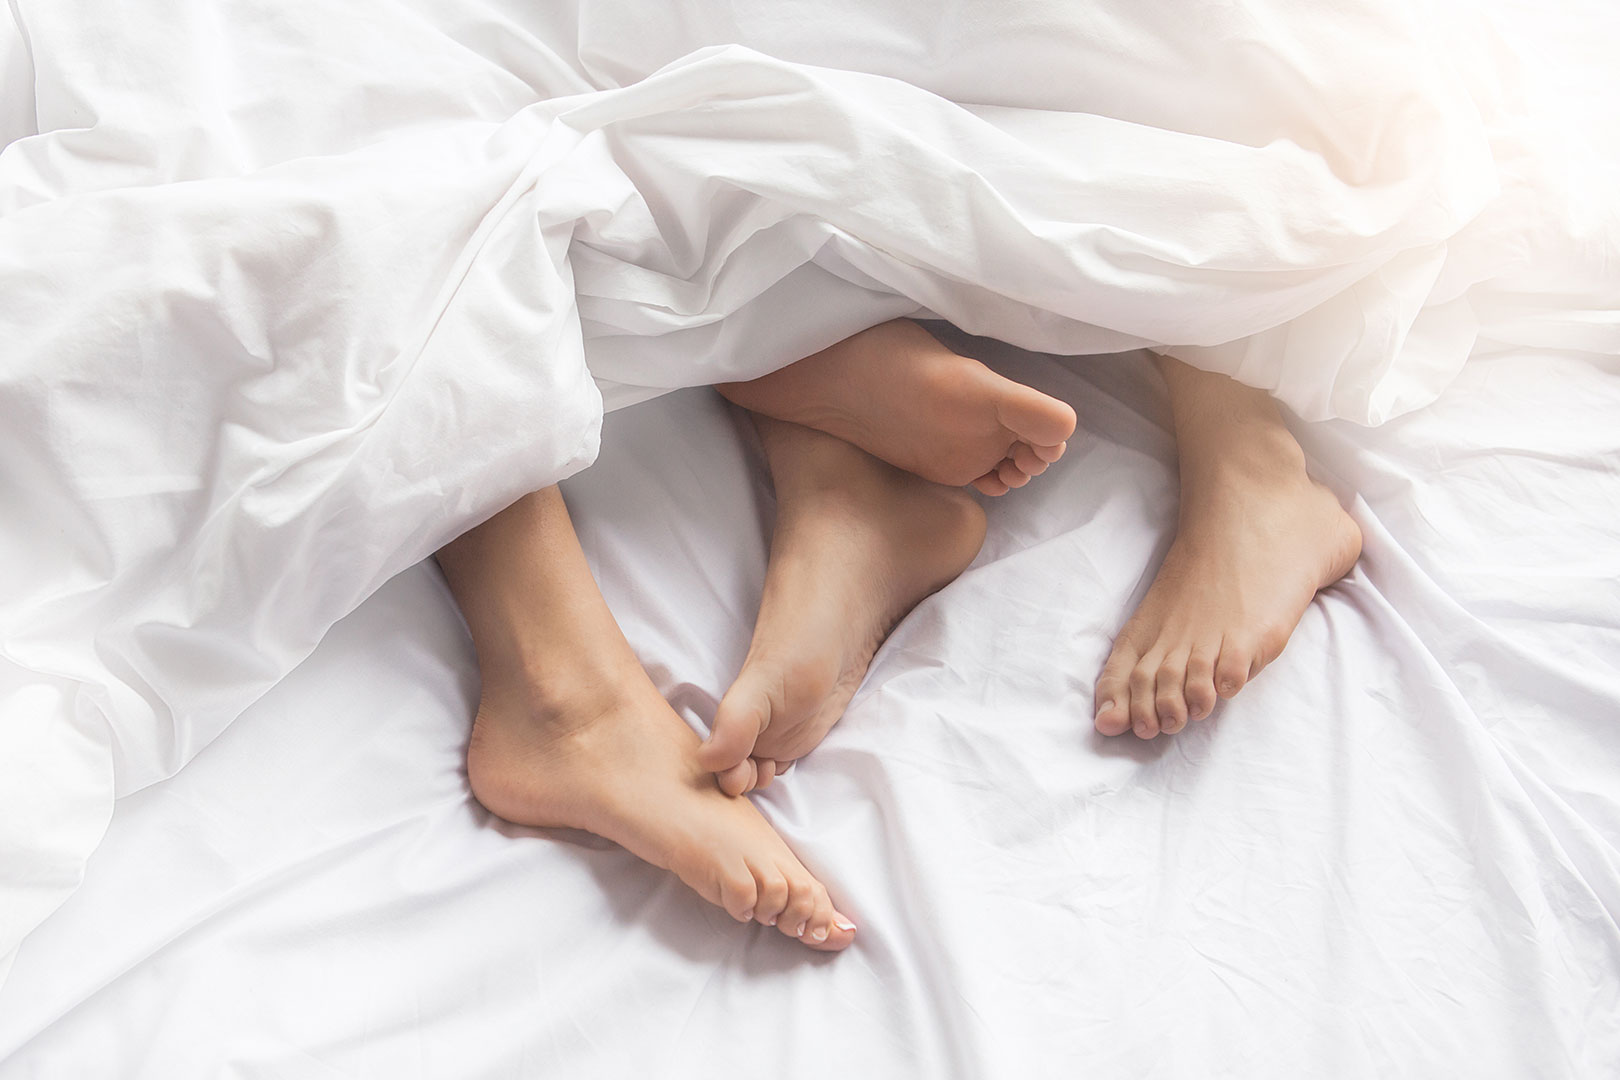 Flaute im Bett: Wie kann man das Sexualleben verbessern?